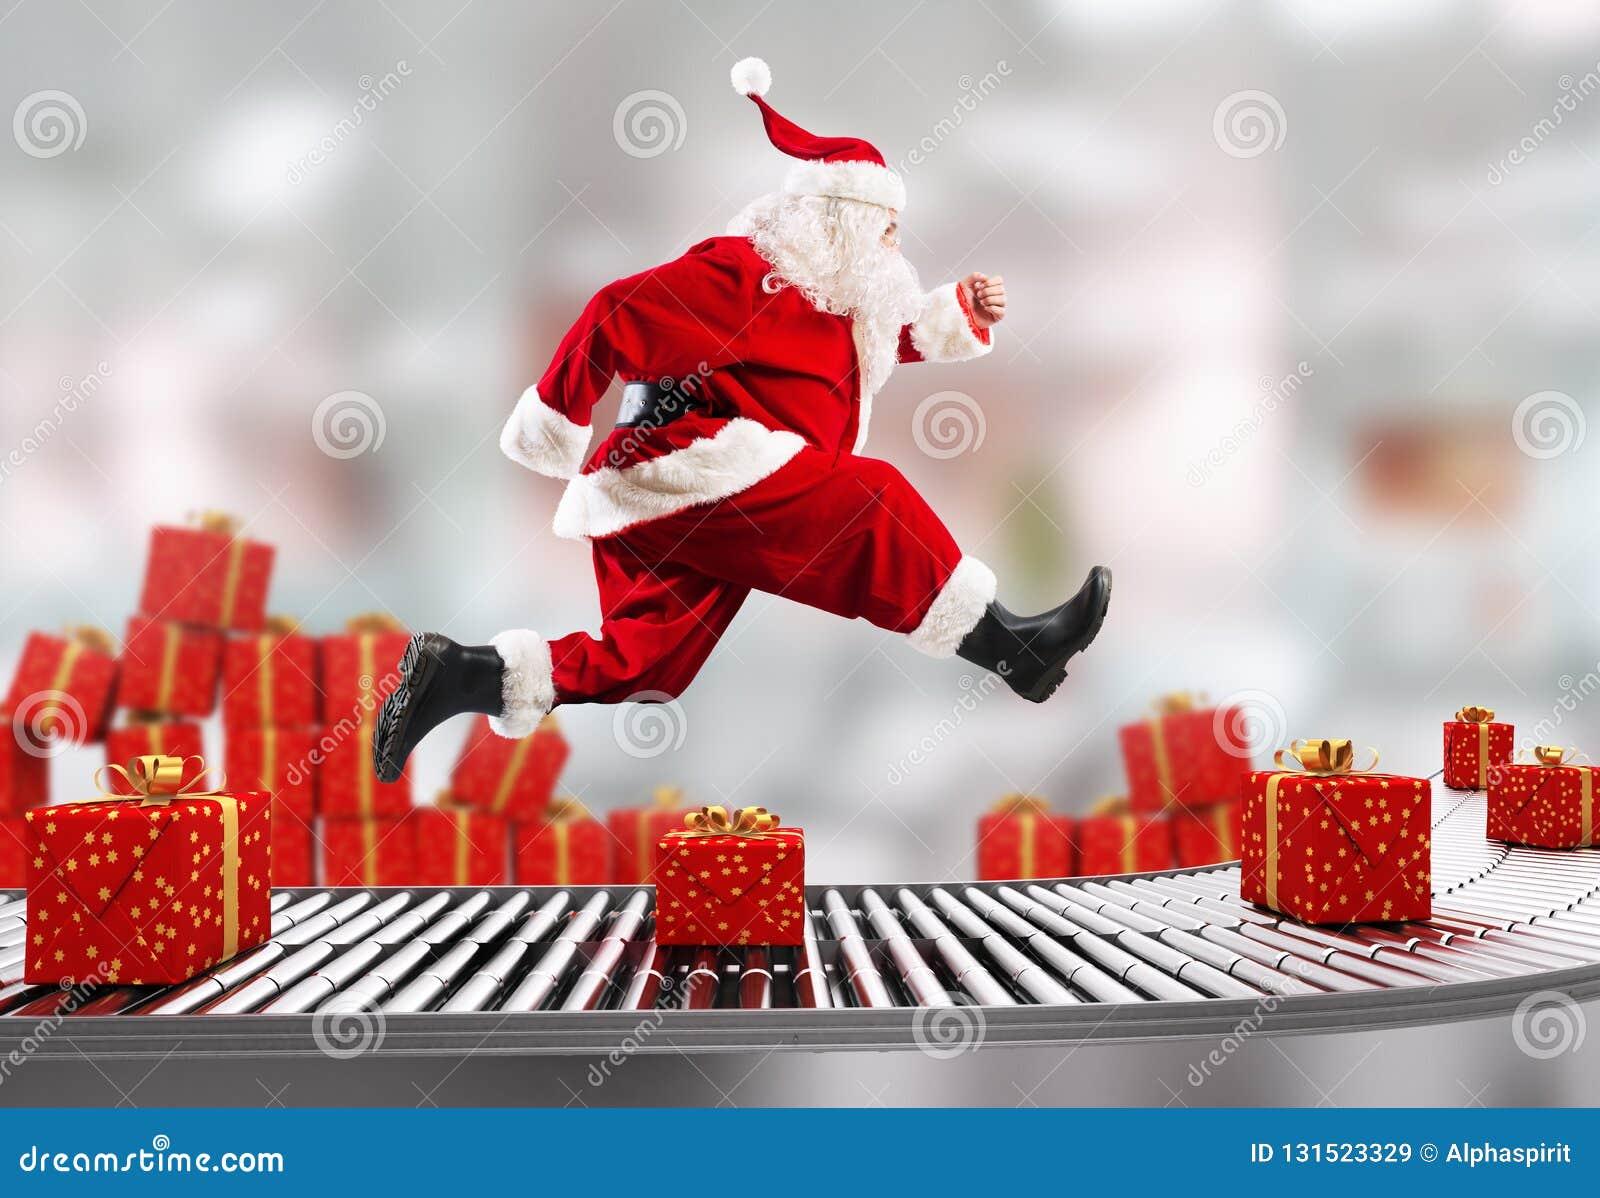 Santa Claus läuft auf dem Förderband, um Lieferungen zur Weihnachtszeit zu vereinbaren